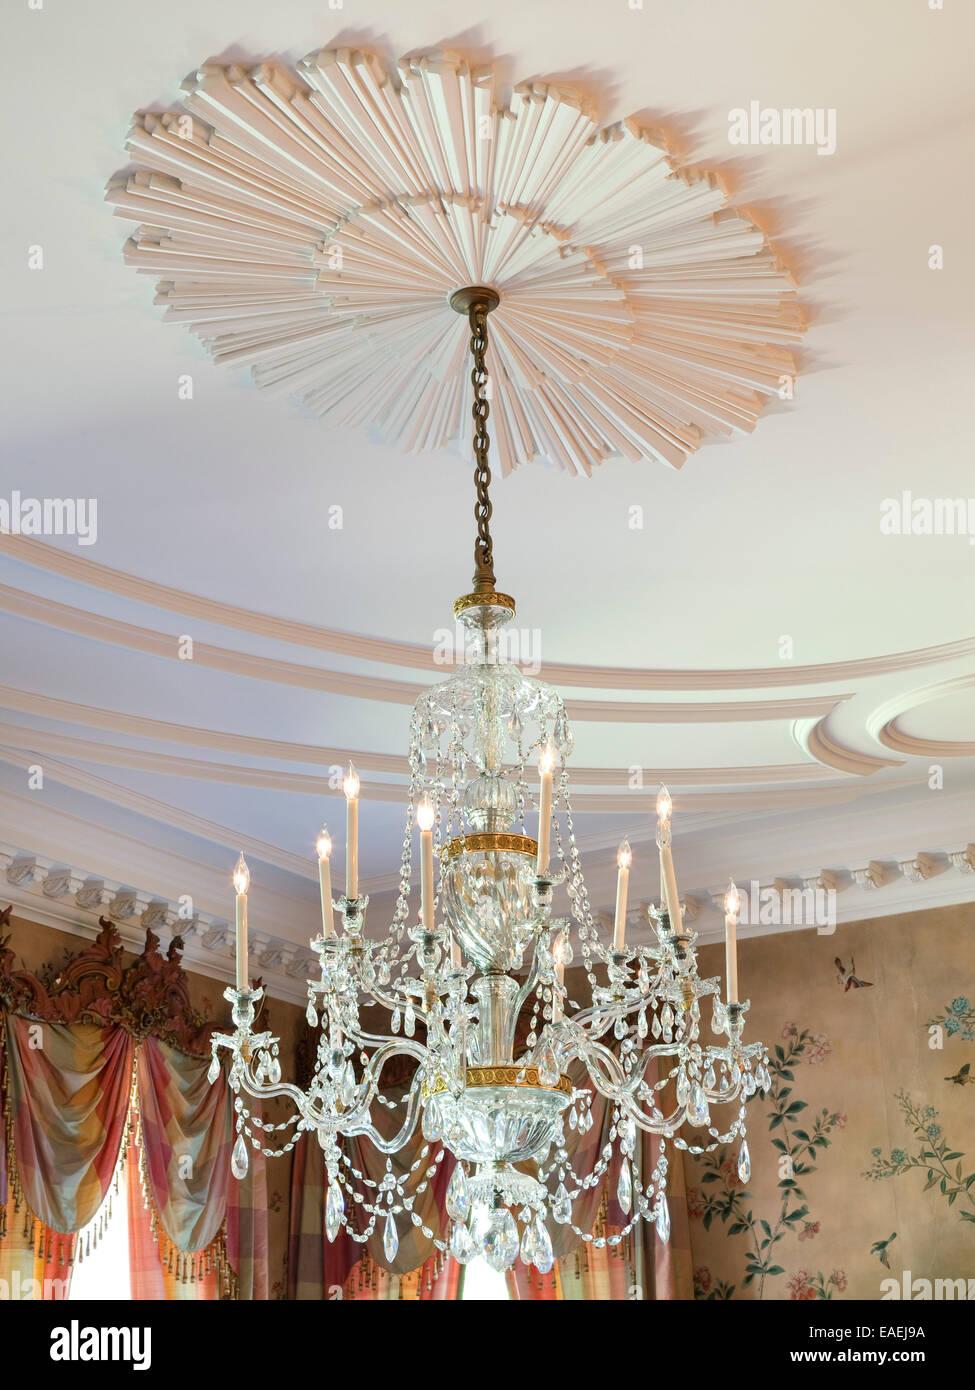 L mpara de ara a de cristal y medall n en el techo en el comedor de la casa de los cisnes foto - Lamparas de arana de cristal ...